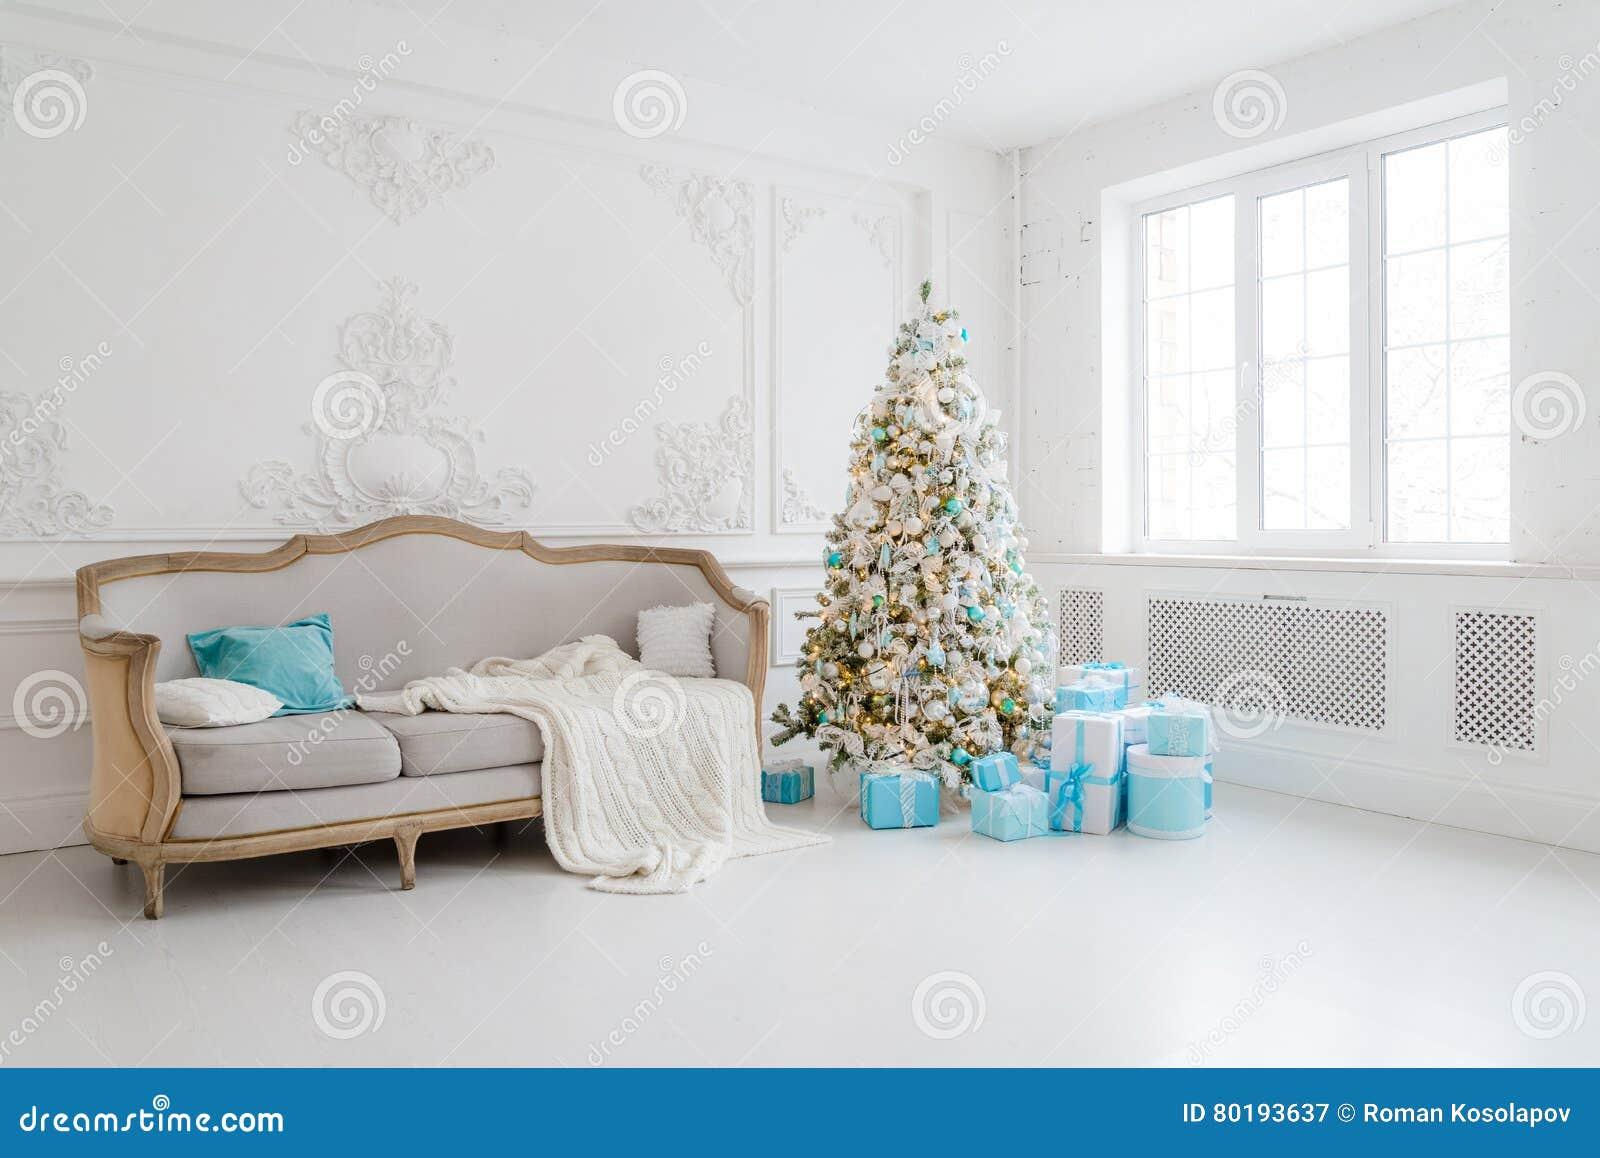 Stilvoller Weihnachtsinnenraum Mit Einem Eleganten Sofa Komforthaus ...